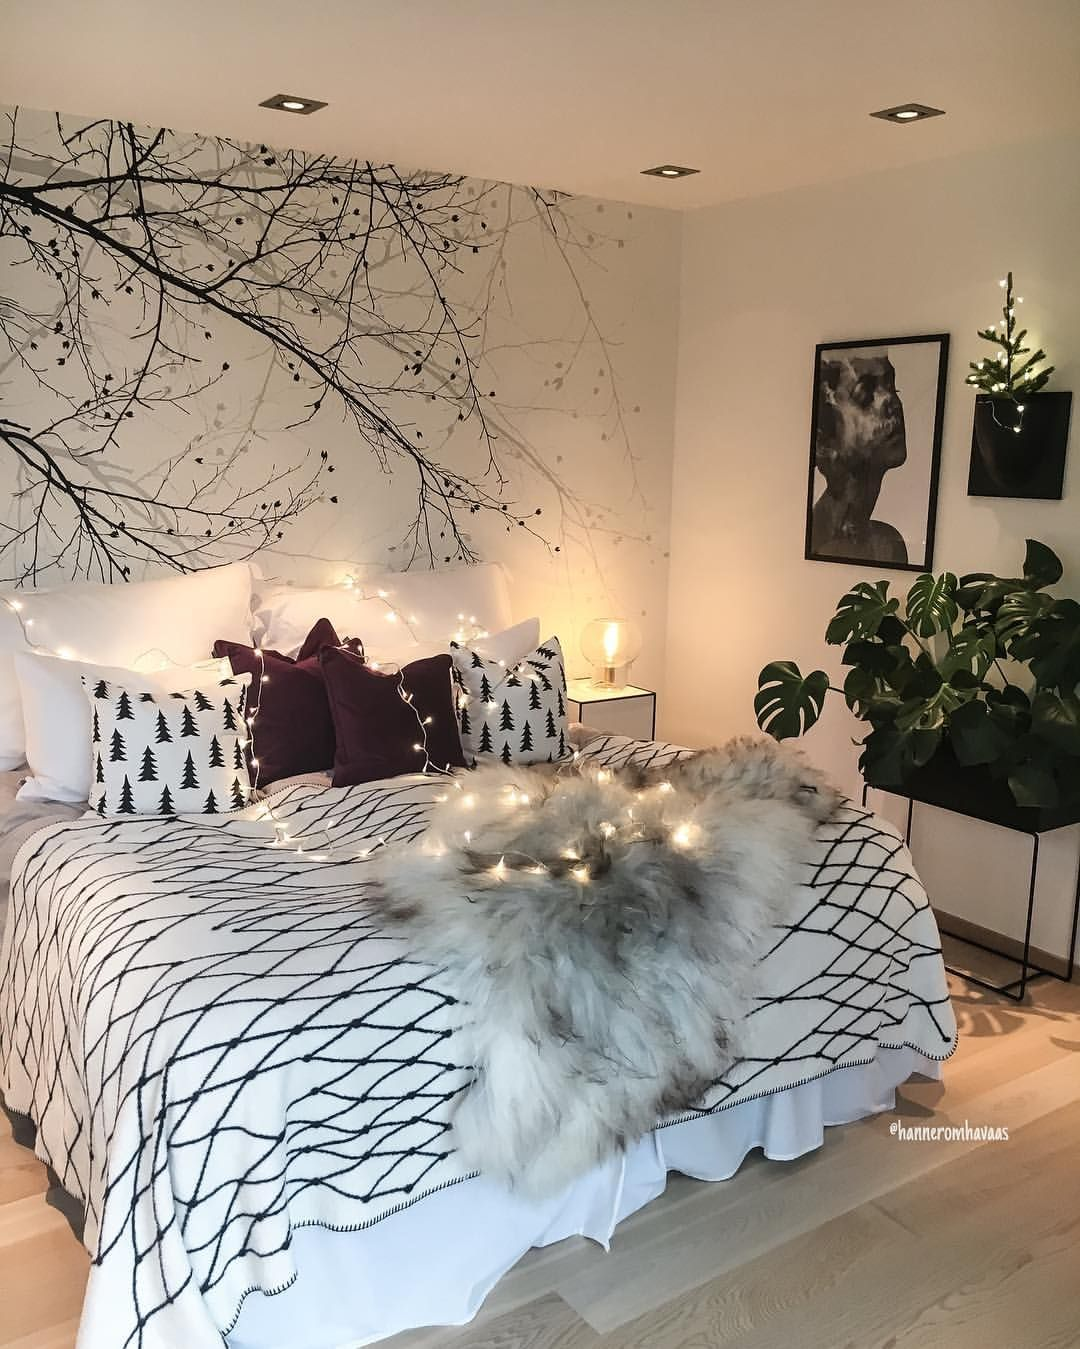 """Hanne Rom Havaas on Instagram: """"Christmas bedroom� Jeg kryper snart i seng her� Øynene svir etter 3 timers søvn siste døgn� Ferdig med nattevakter�Gleder meg til å sove i…"""""""